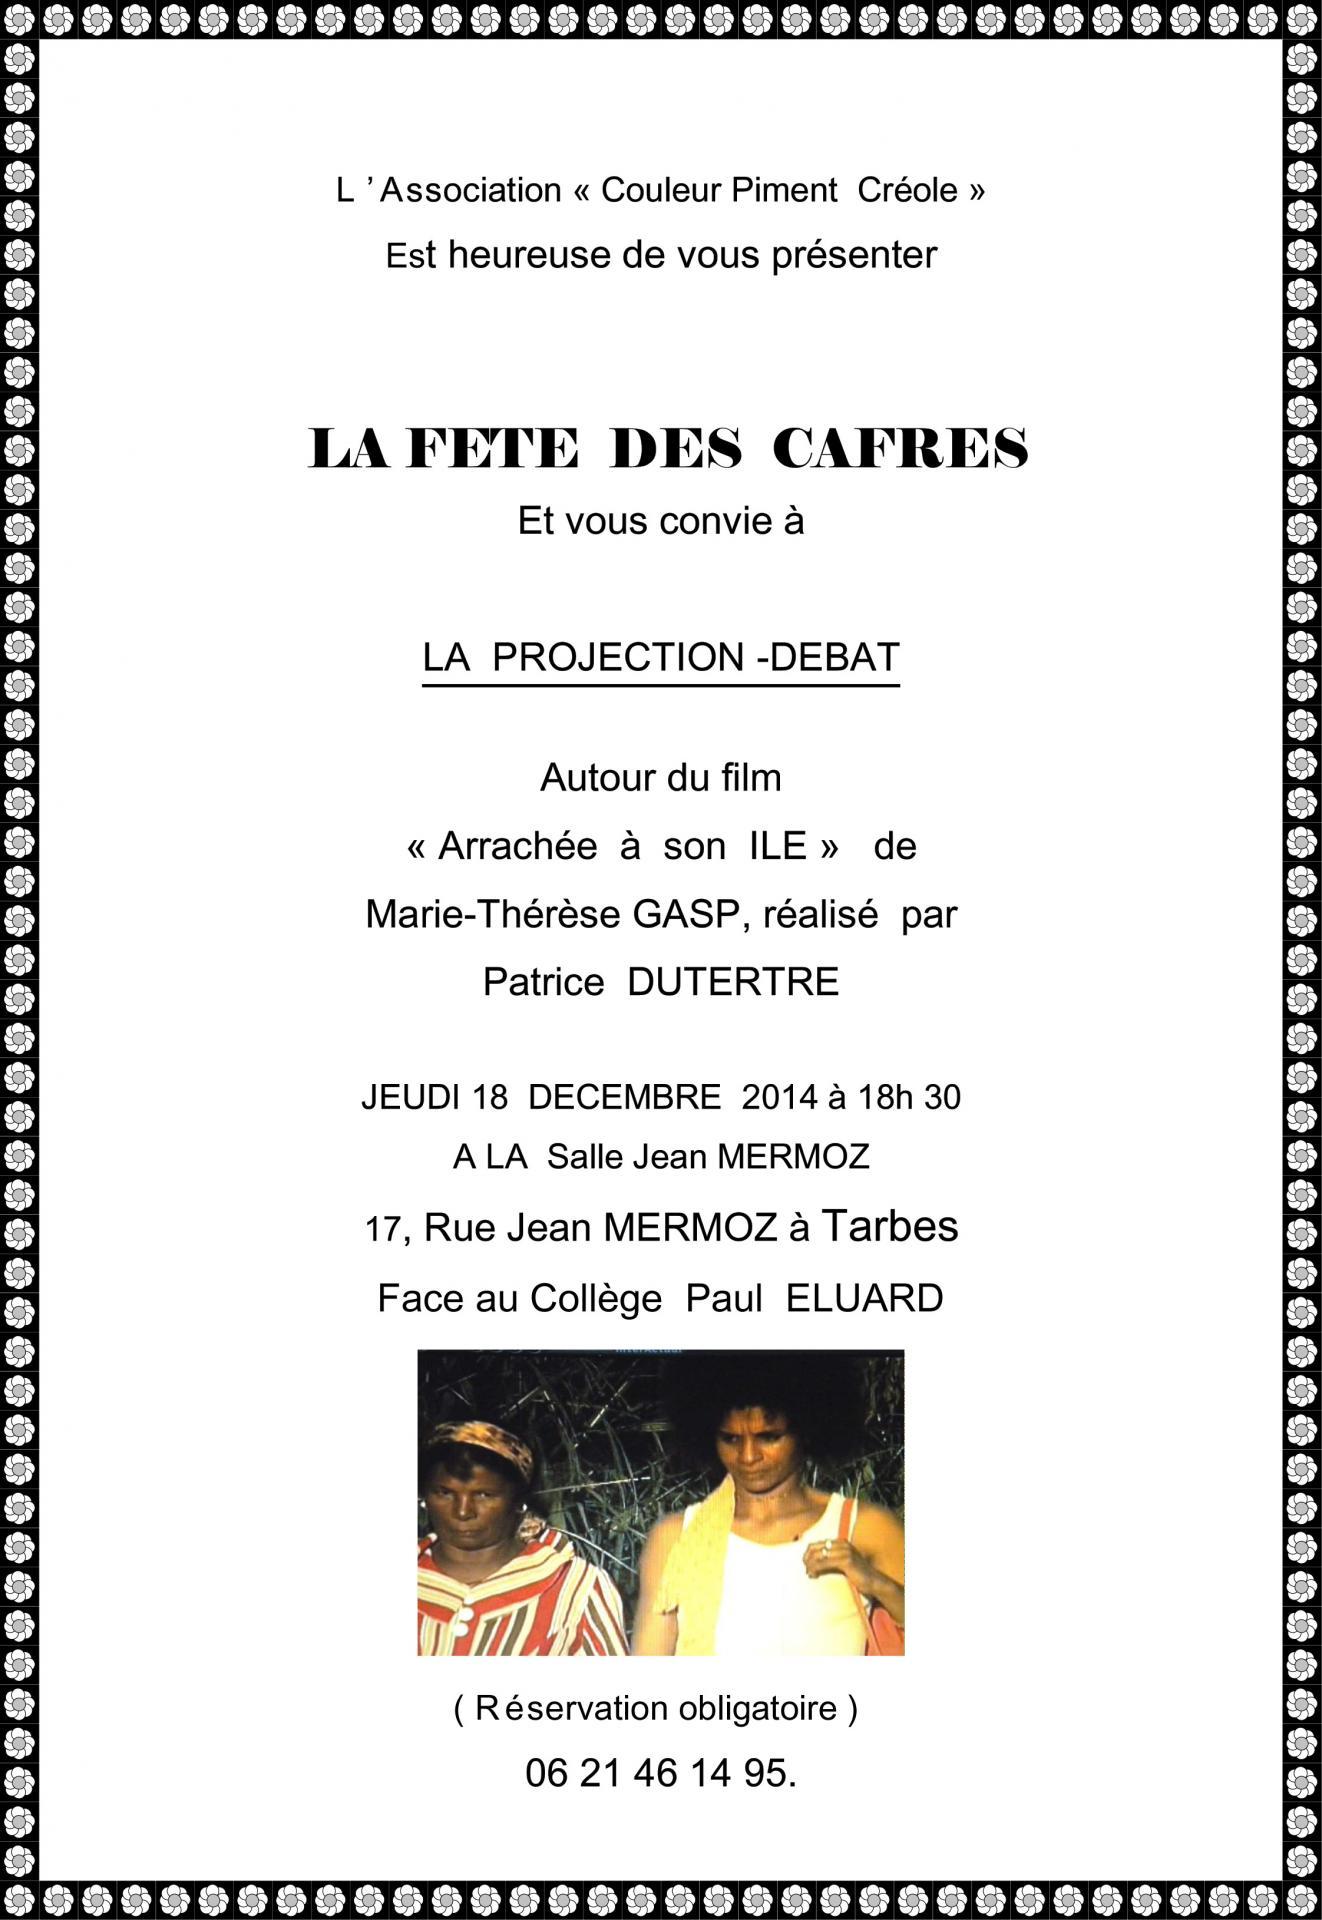 Fetecafres lettre culture version 2014